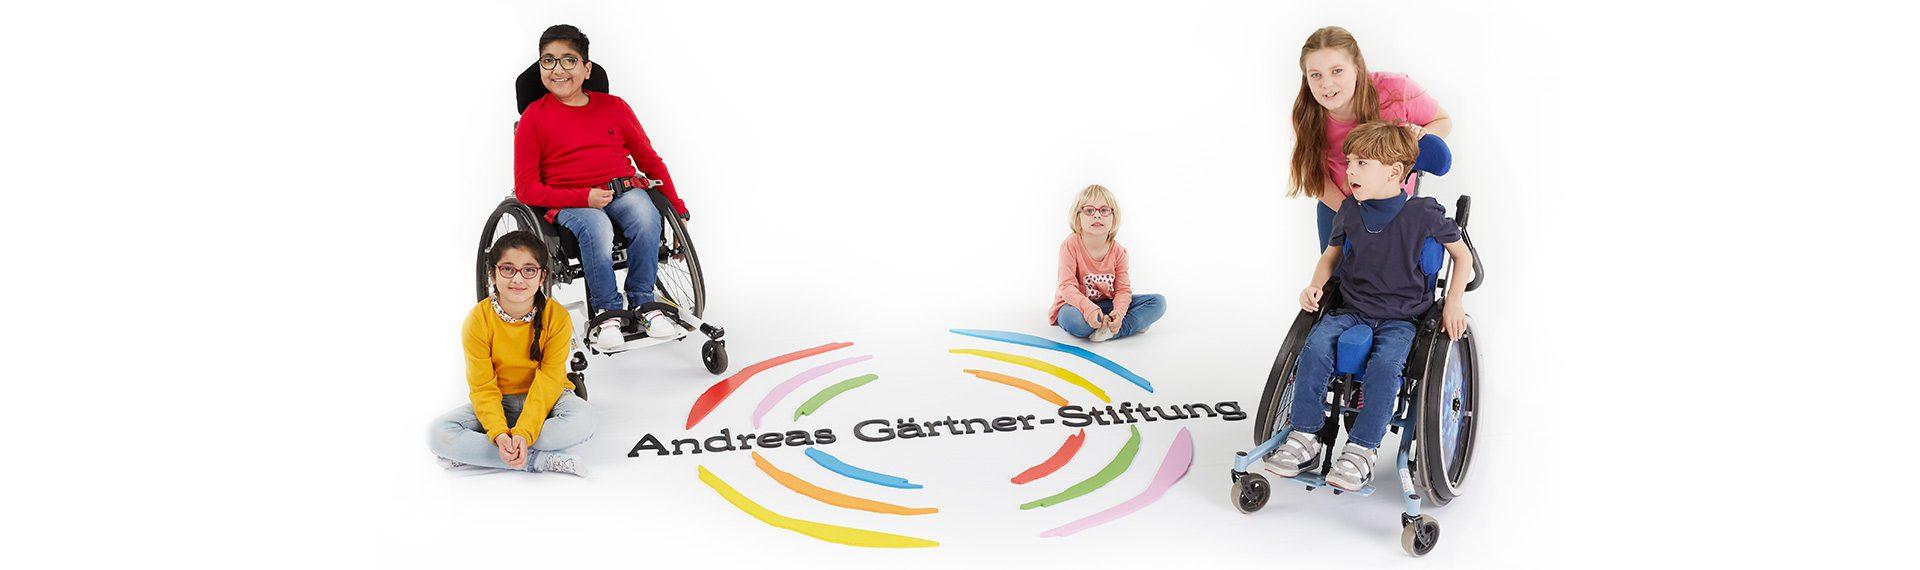 afs-kinder-logo1